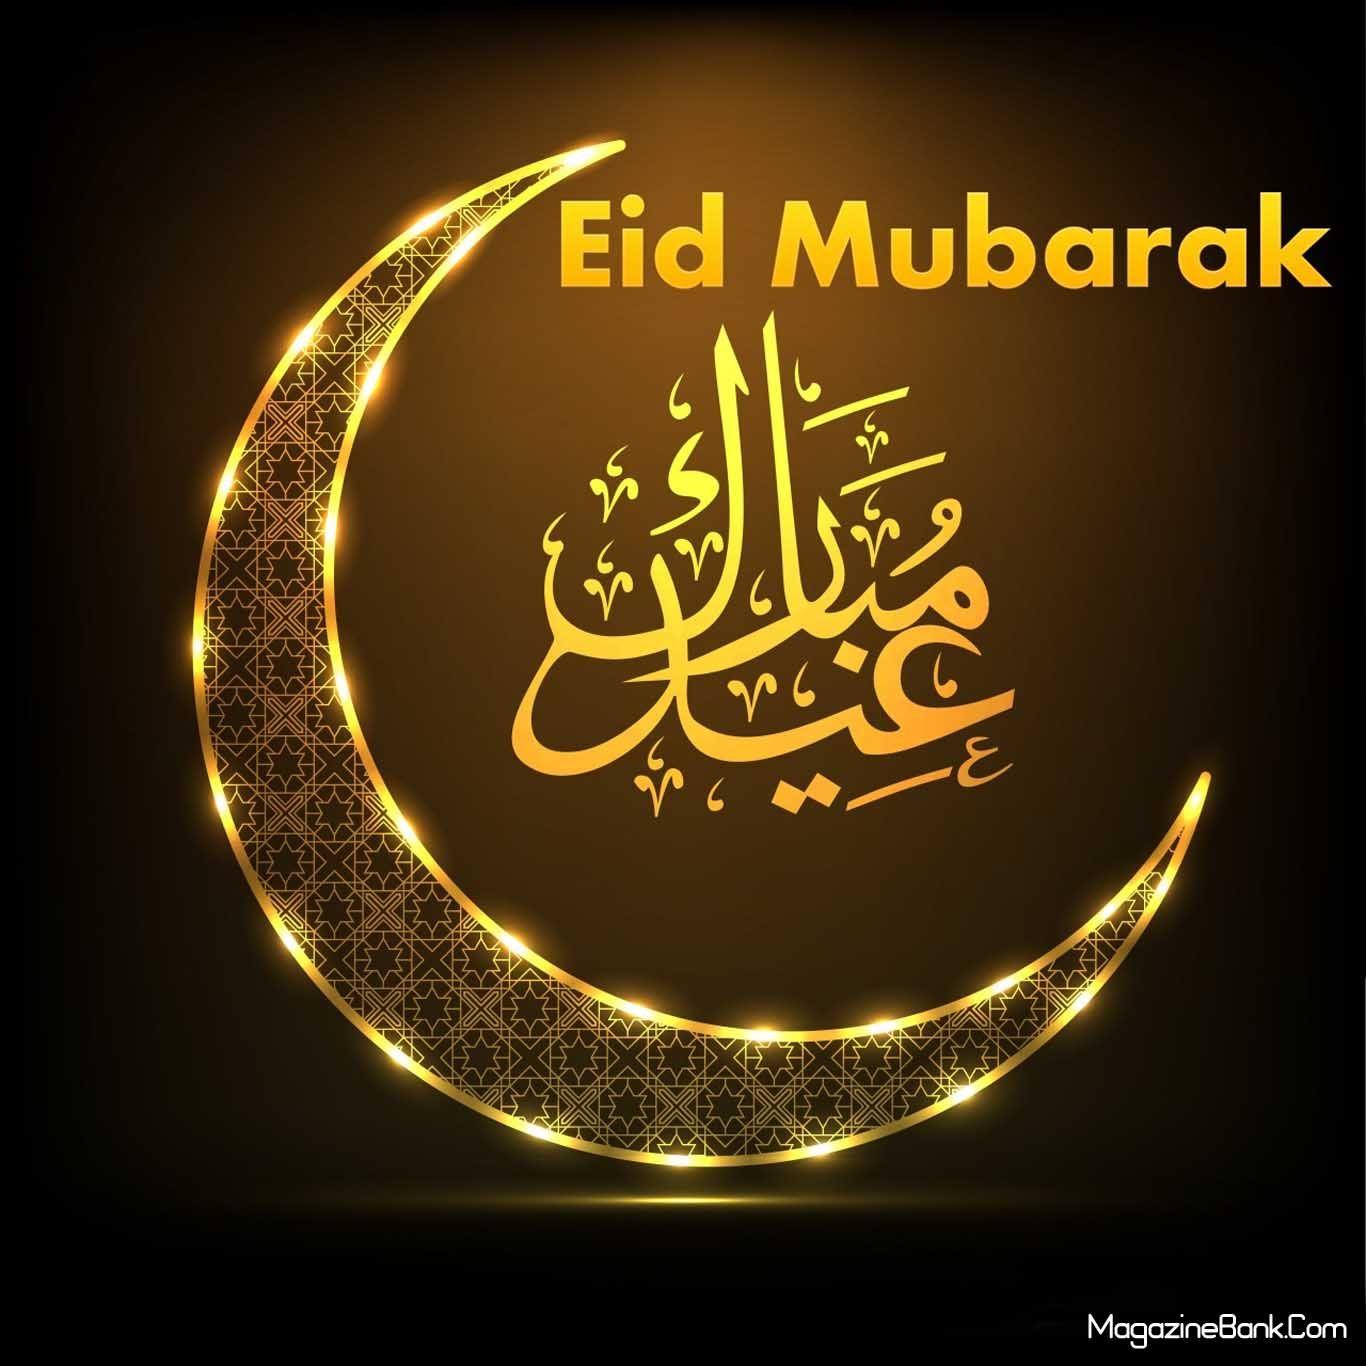 Hd Download Free Eid Wallpapers Best Eid 2017 Hd